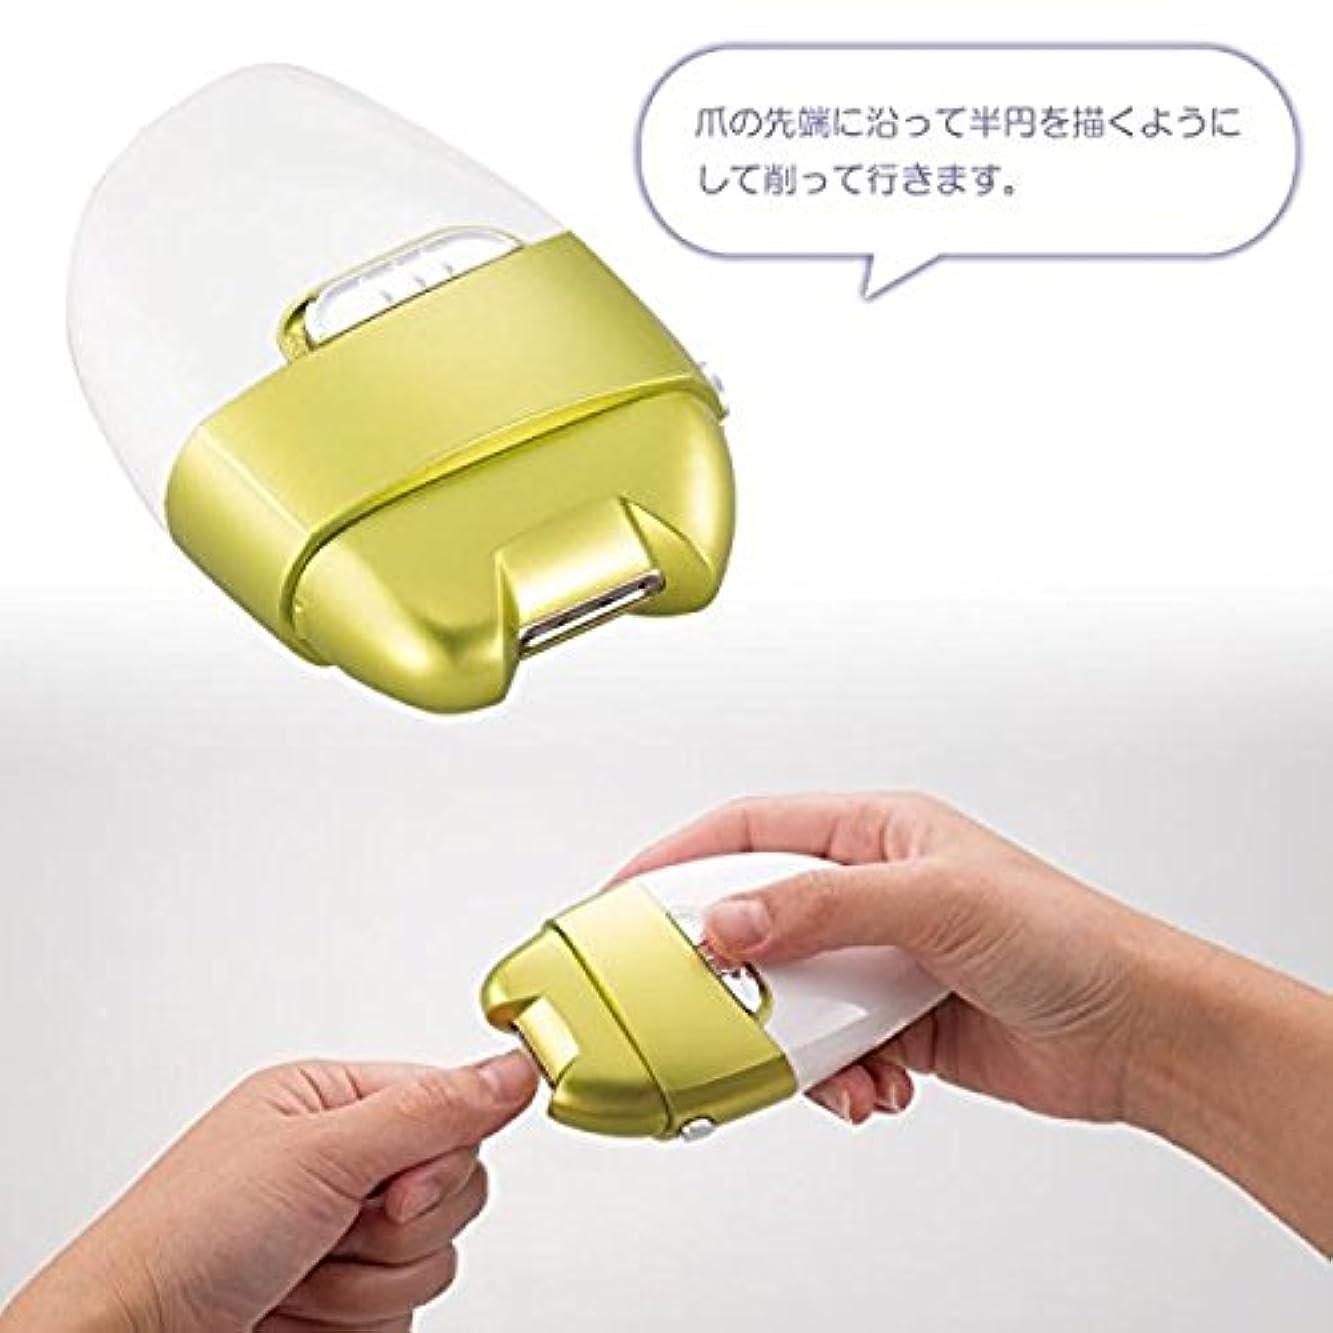 レクリエーションベスト謎めいた電動爪削り Leaf dS-1651428